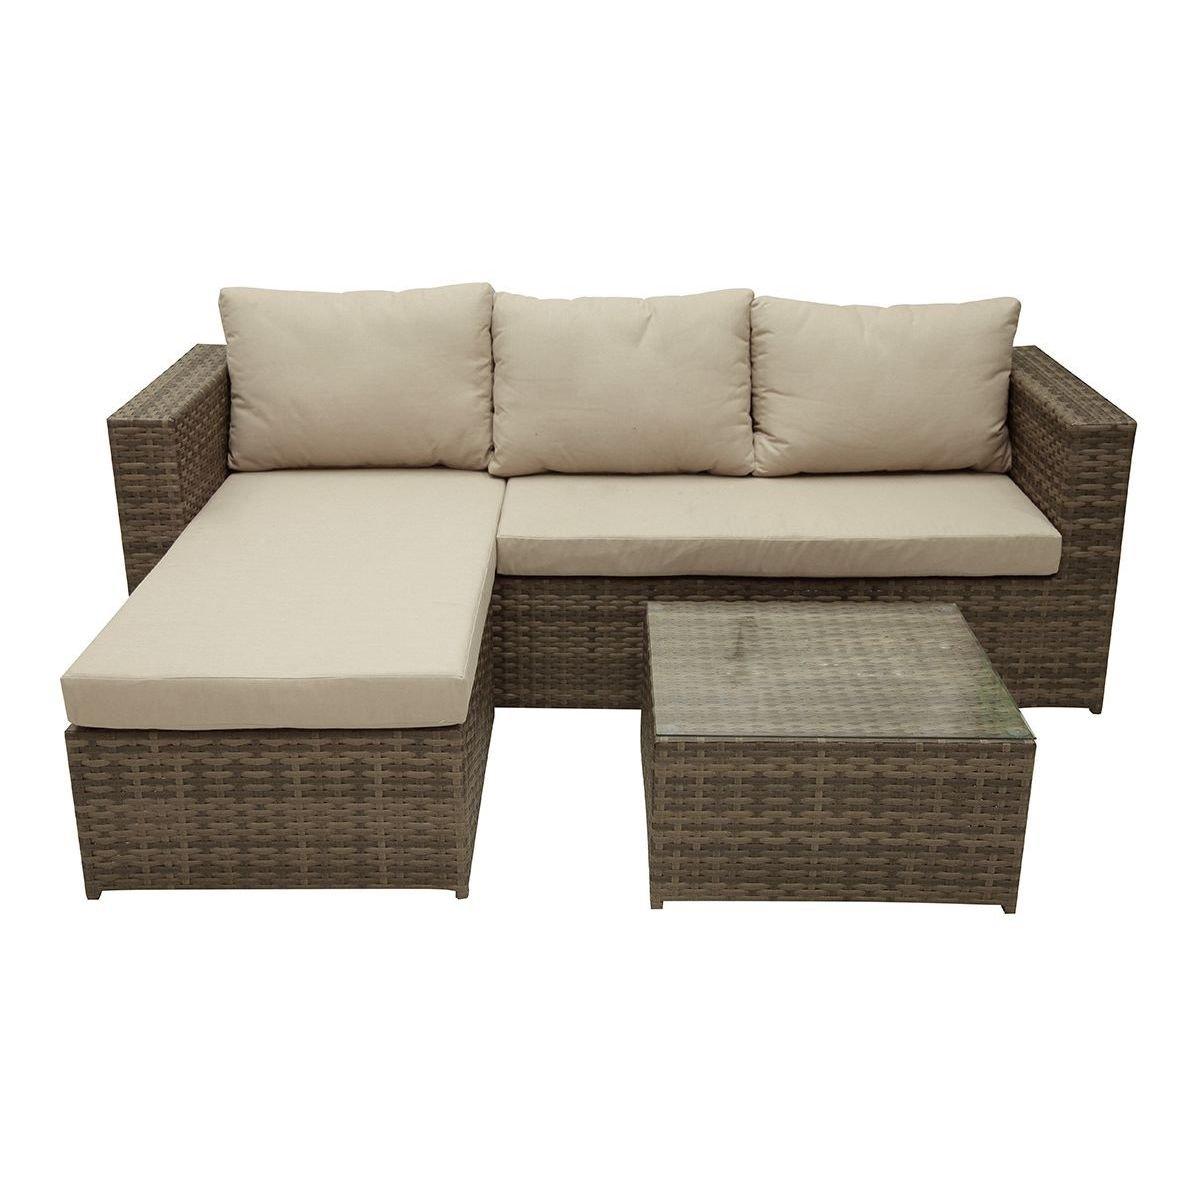 Set de jardín compuesto por sofá, mesa y taburete